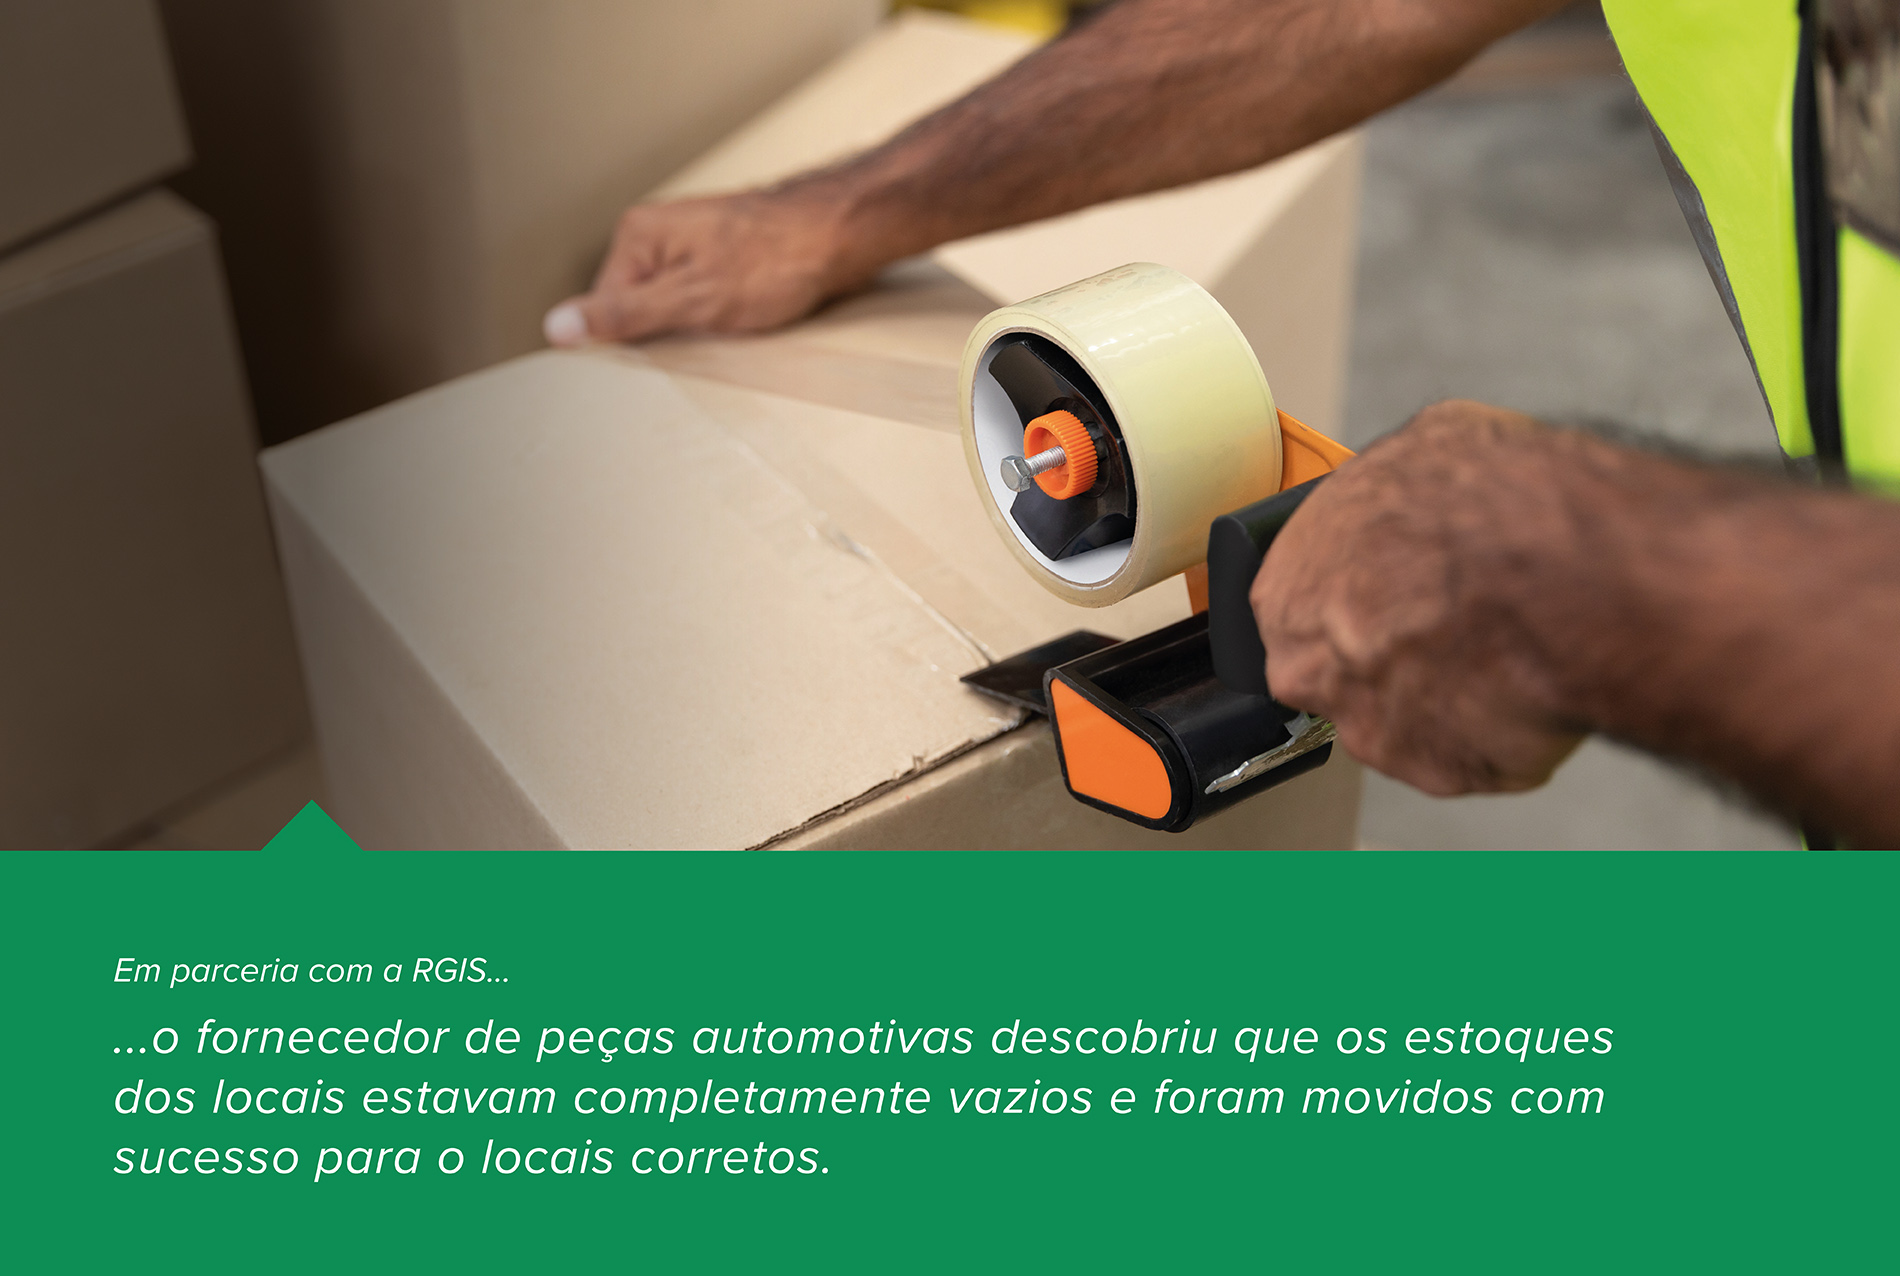 Suporte de pessoal para Fornecedor de peças automotivas e para realocação de estoque